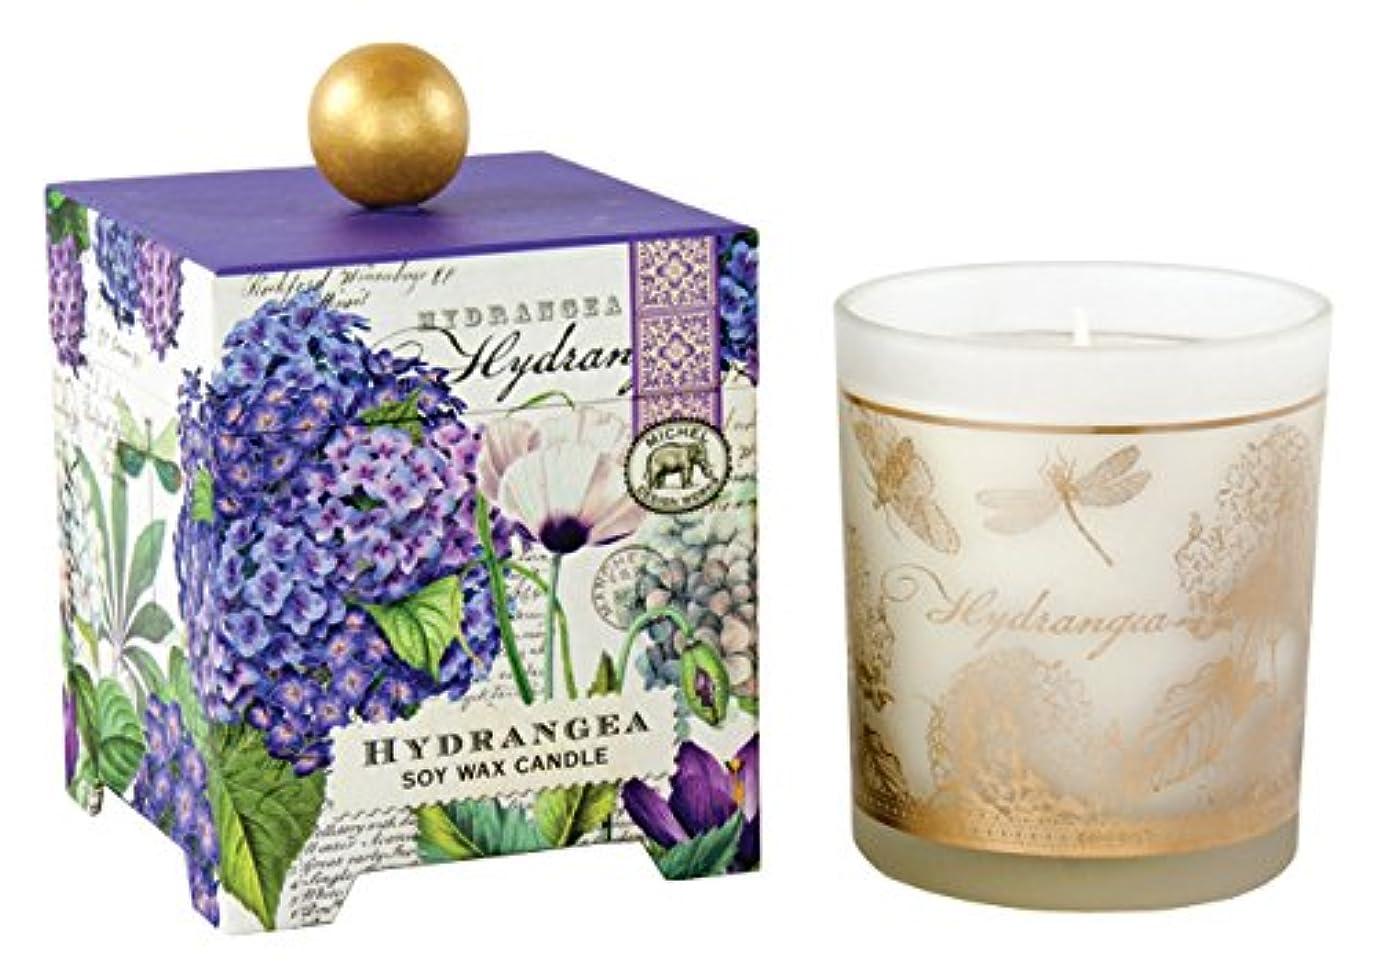 犠牲通行人辛いMichel Design Works アロマキャンドル Lサイズ (ハイドランジェ) 香り:ハイドランジェ MDCAN209